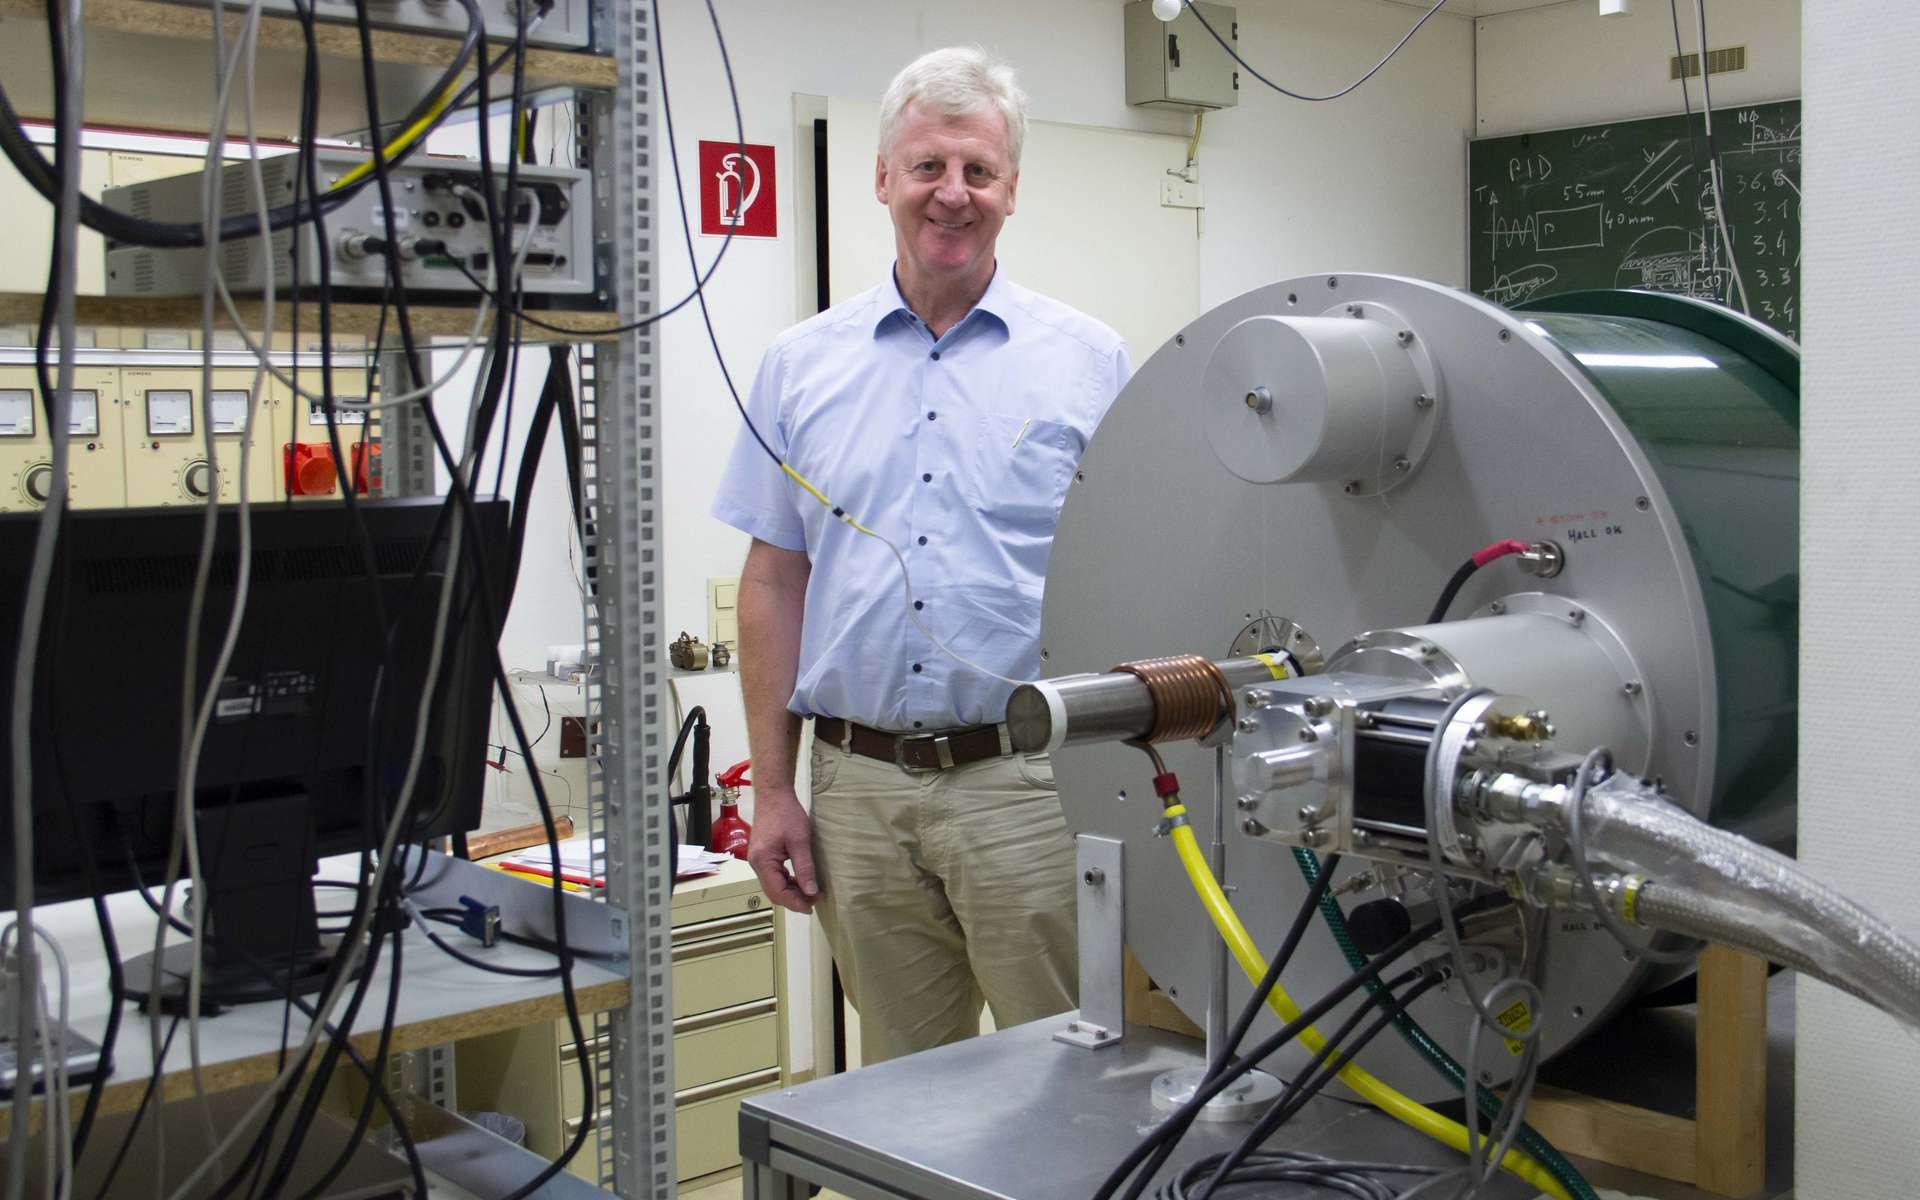 Les chercheurs de l'Université de Vienne ont inventé un matériau à l'efficacité thermoélectrique doublée par rapport aux meilleurs alliages actuels. © Université de Vienne